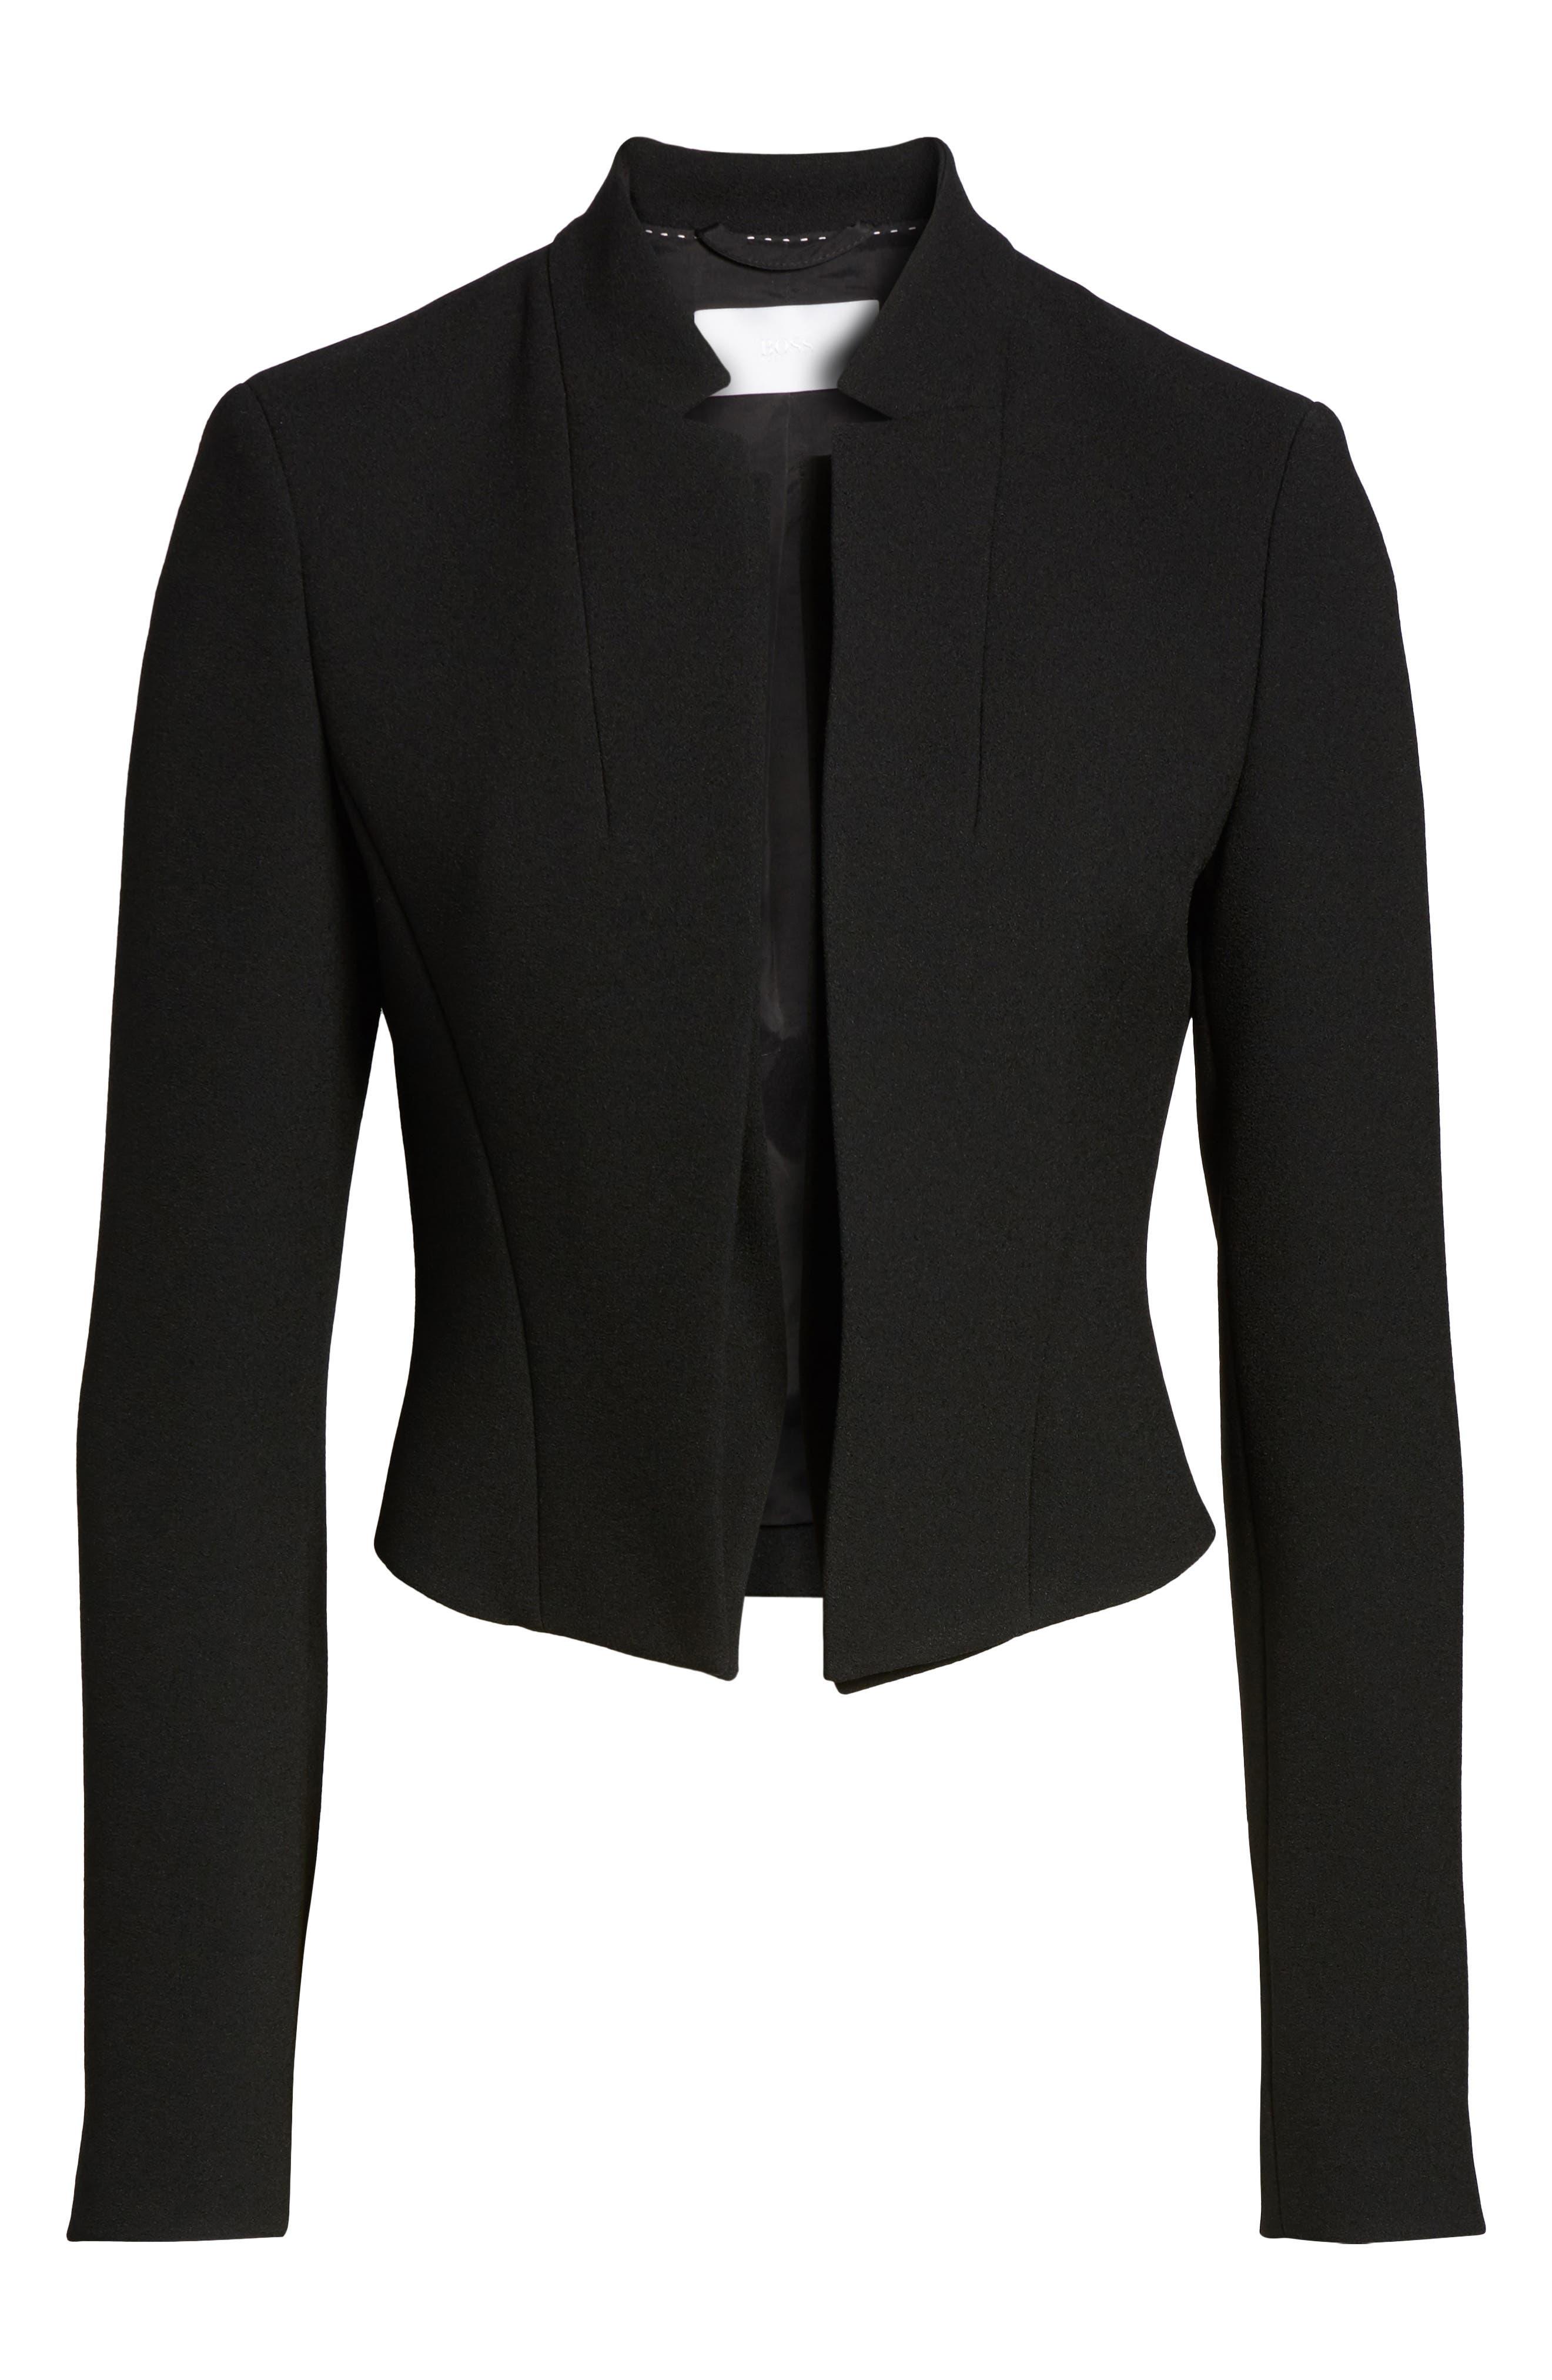 Jisala Compact Crepe Crop Jacket,                             Alternate thumbnail 5, color,                             Black